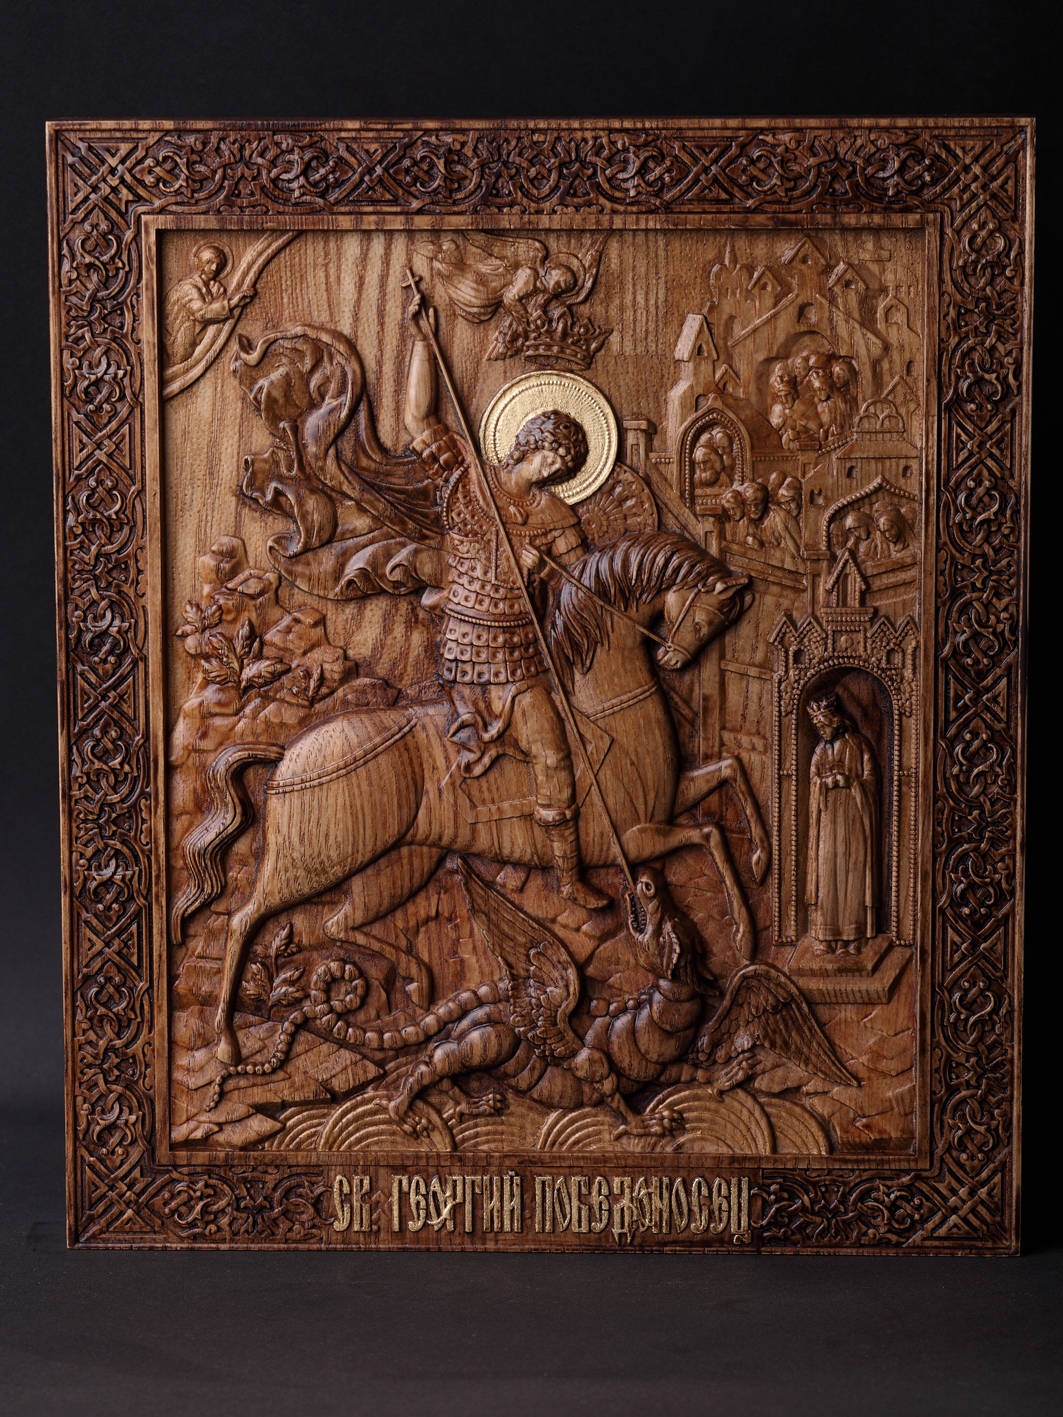 Чудо Георгия о змие. Материал дерево ясень.Сусальное золото,воски. Размер 19,5х25 см